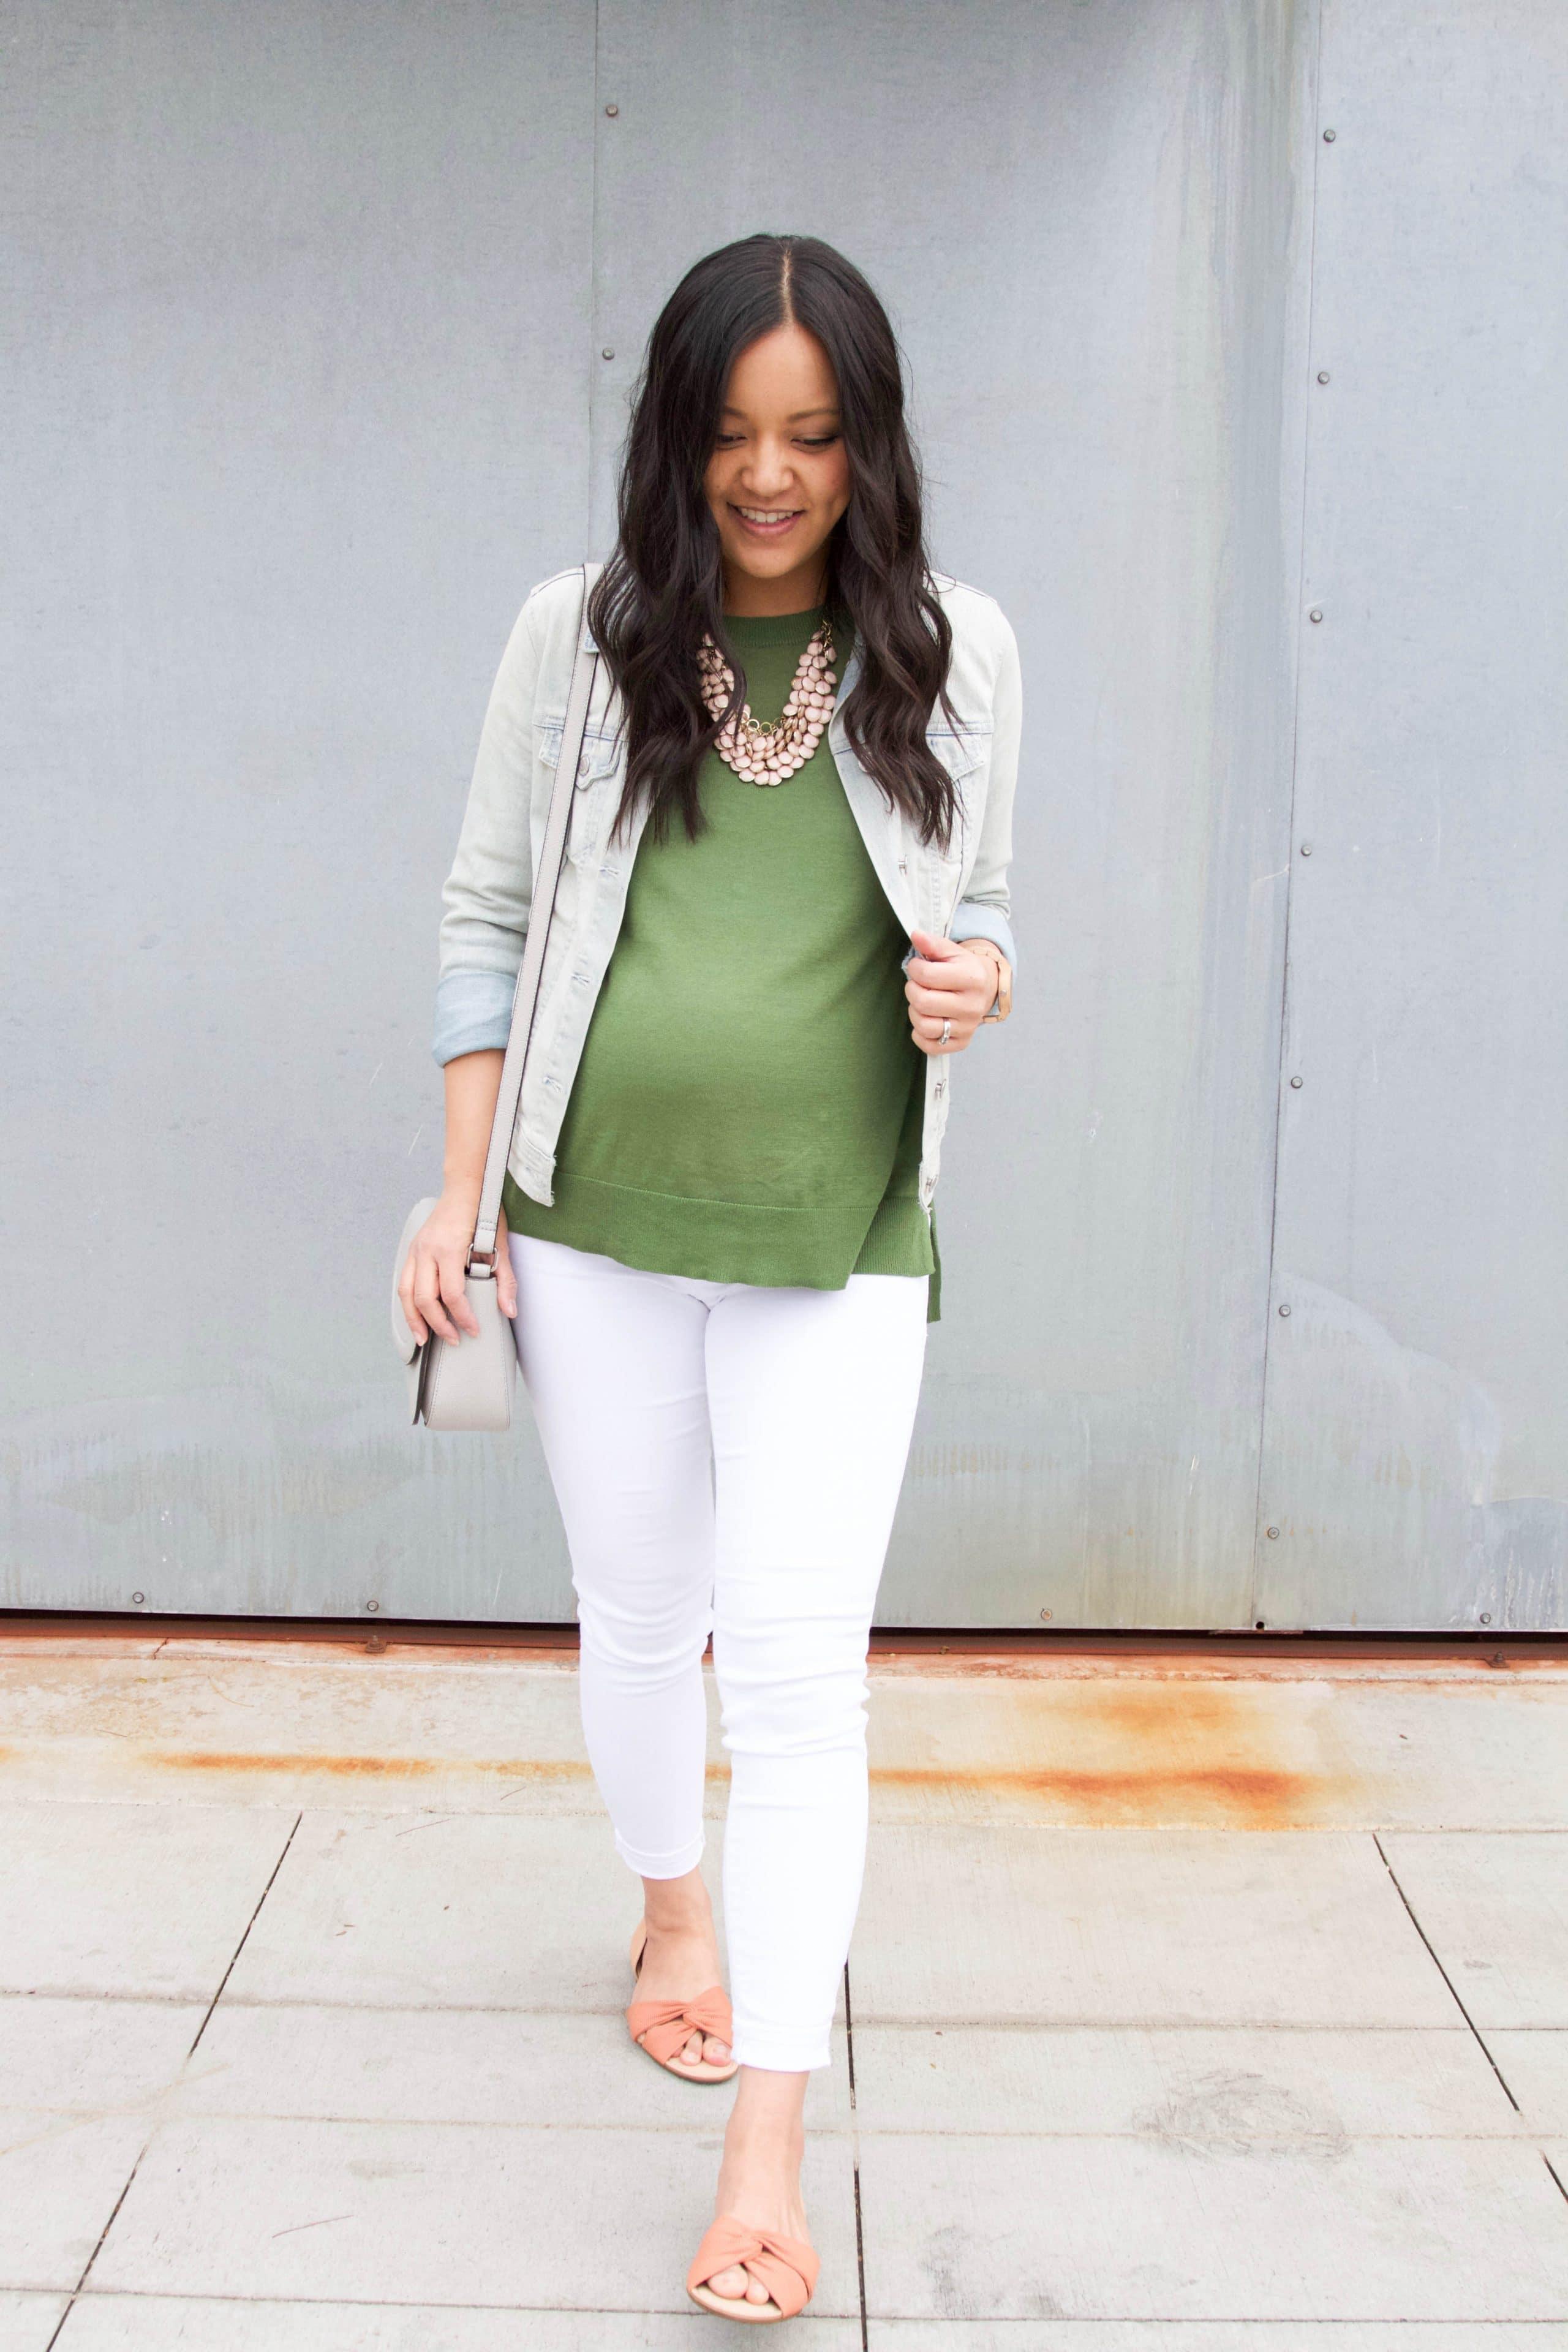 Denim Jacket + White Jeans + Slides + Statement Necklace + Green Sweater